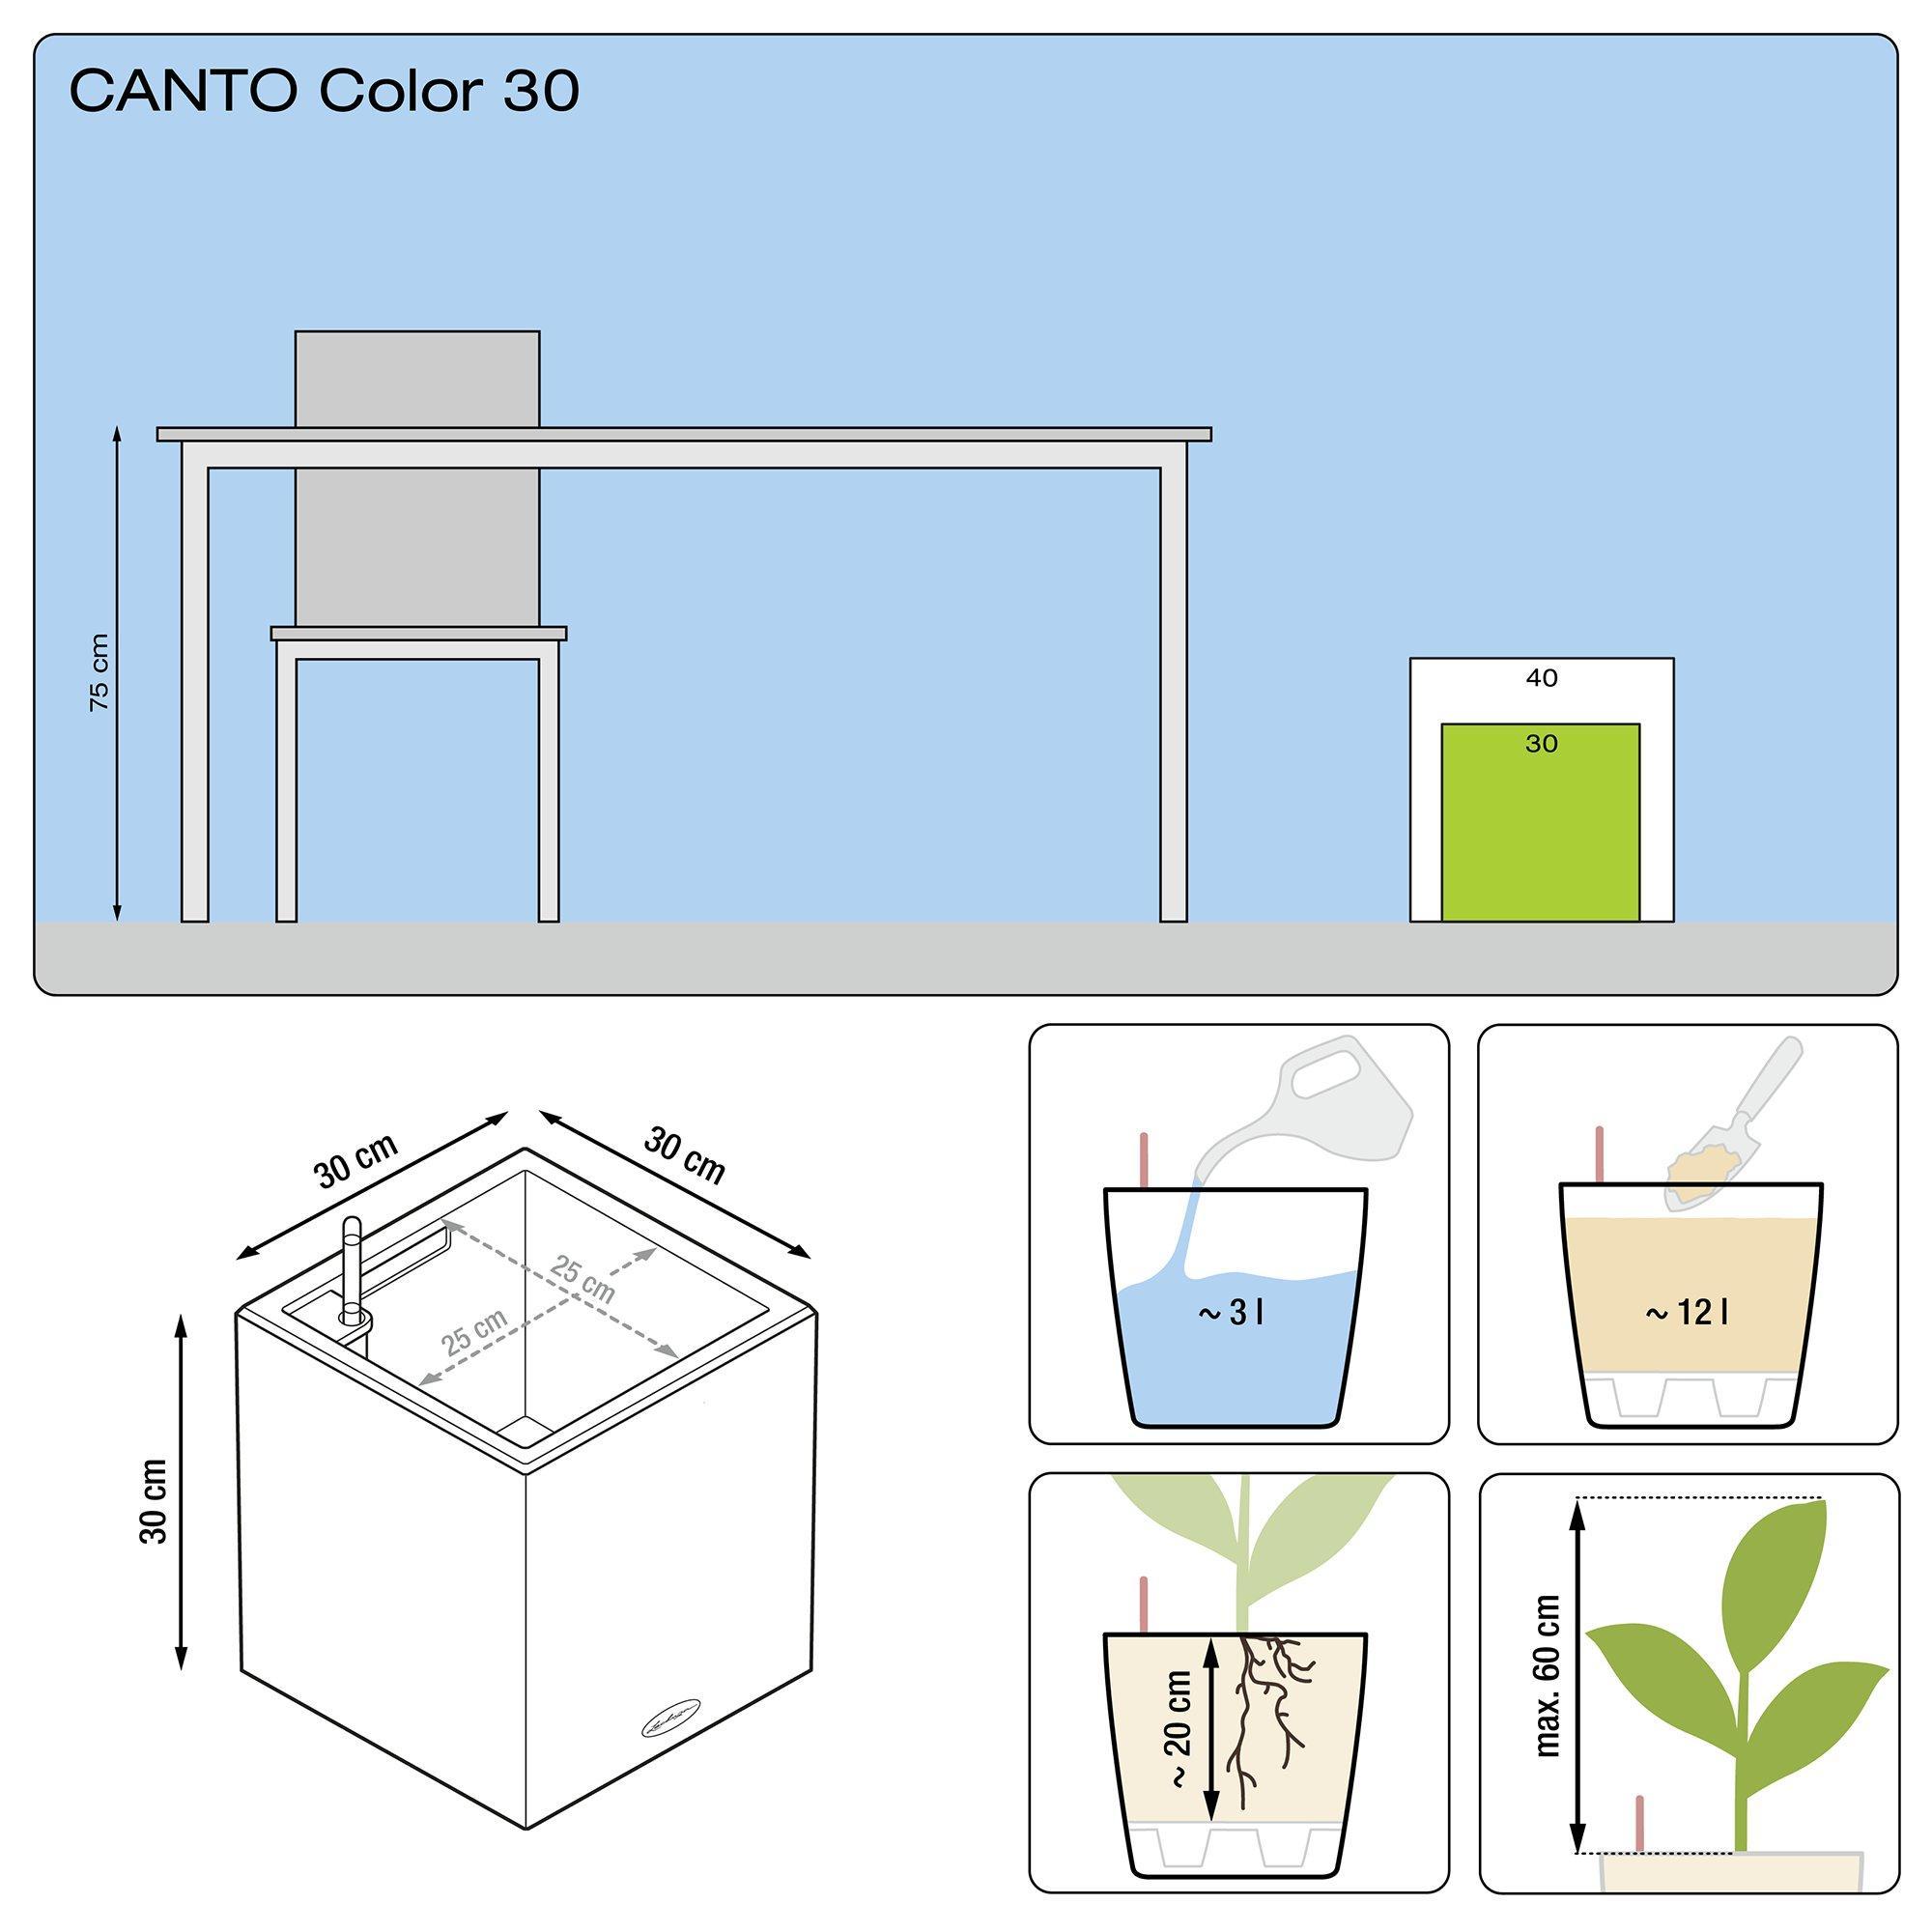 CANTO Color cube 30 graphite black - Image 3